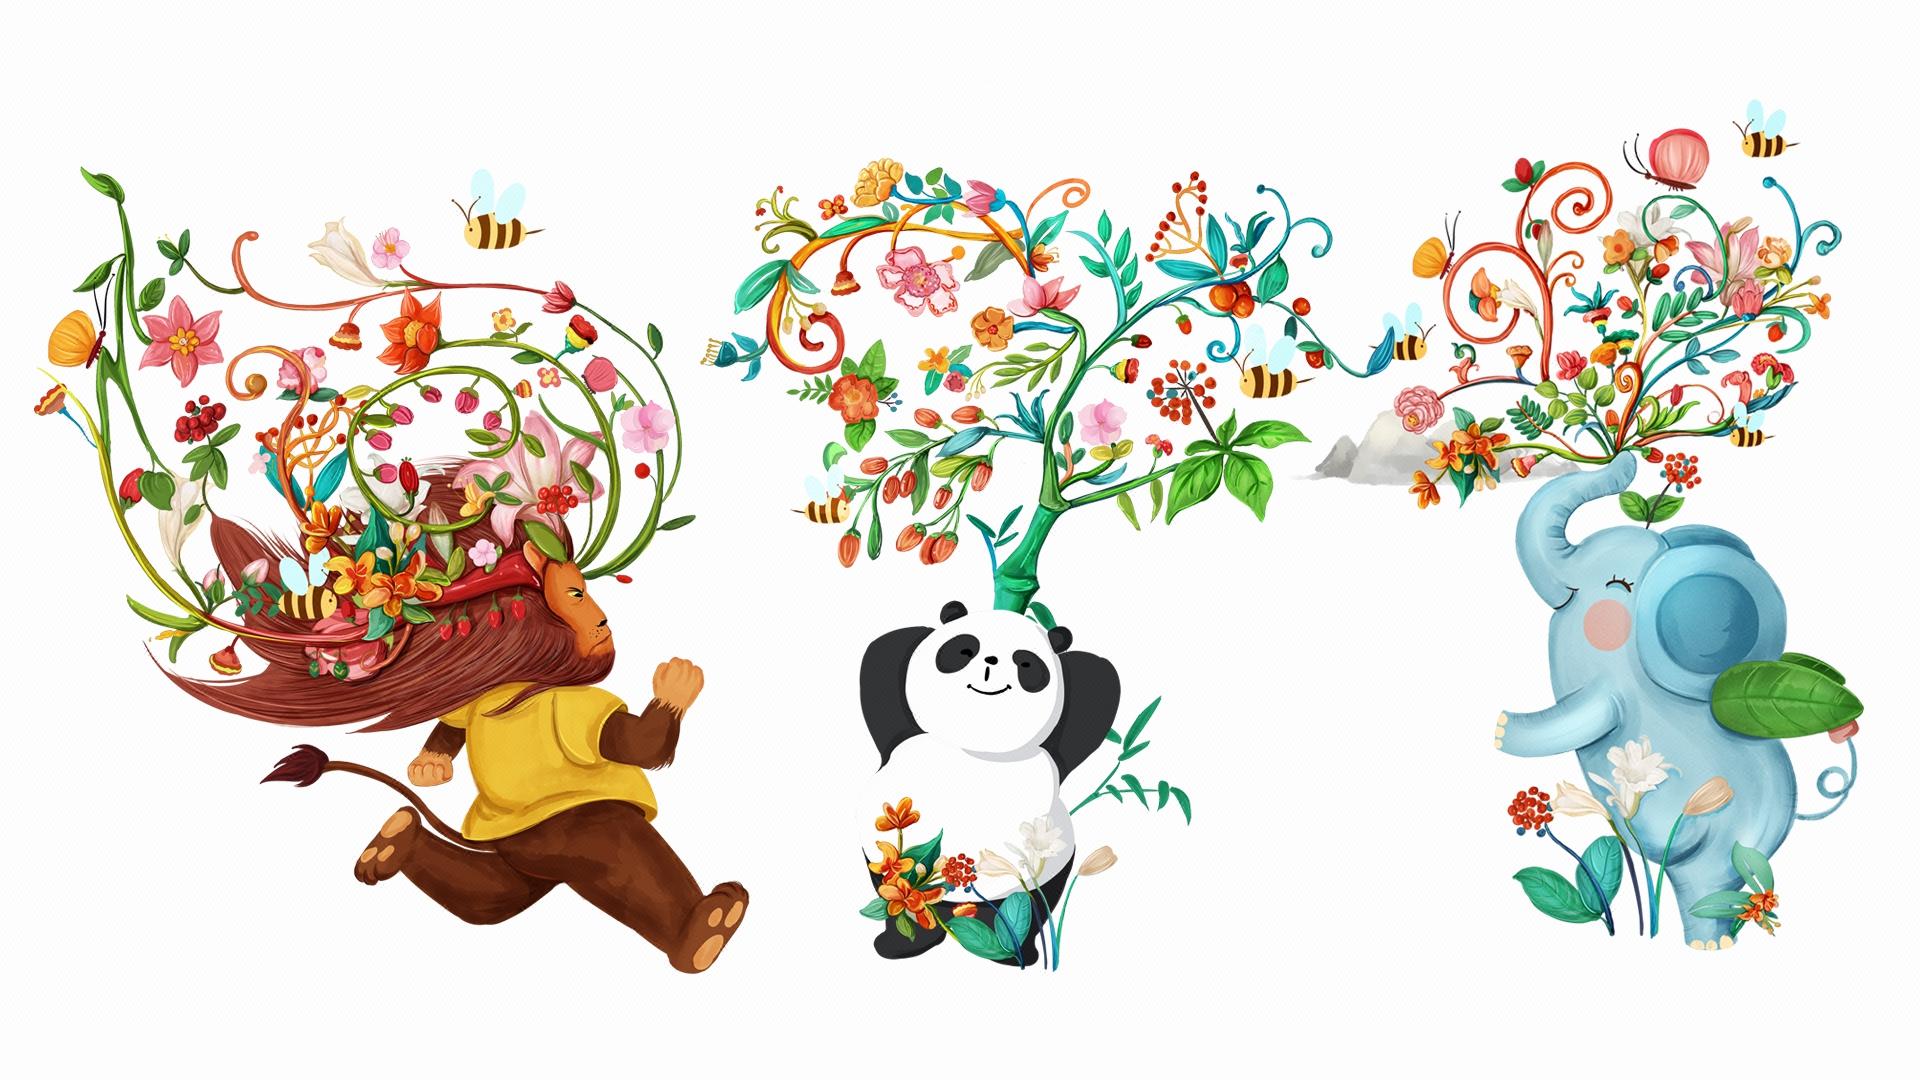 【手绘插画】水彩风格国画风格封面广告插画美术插画产品宣传插画